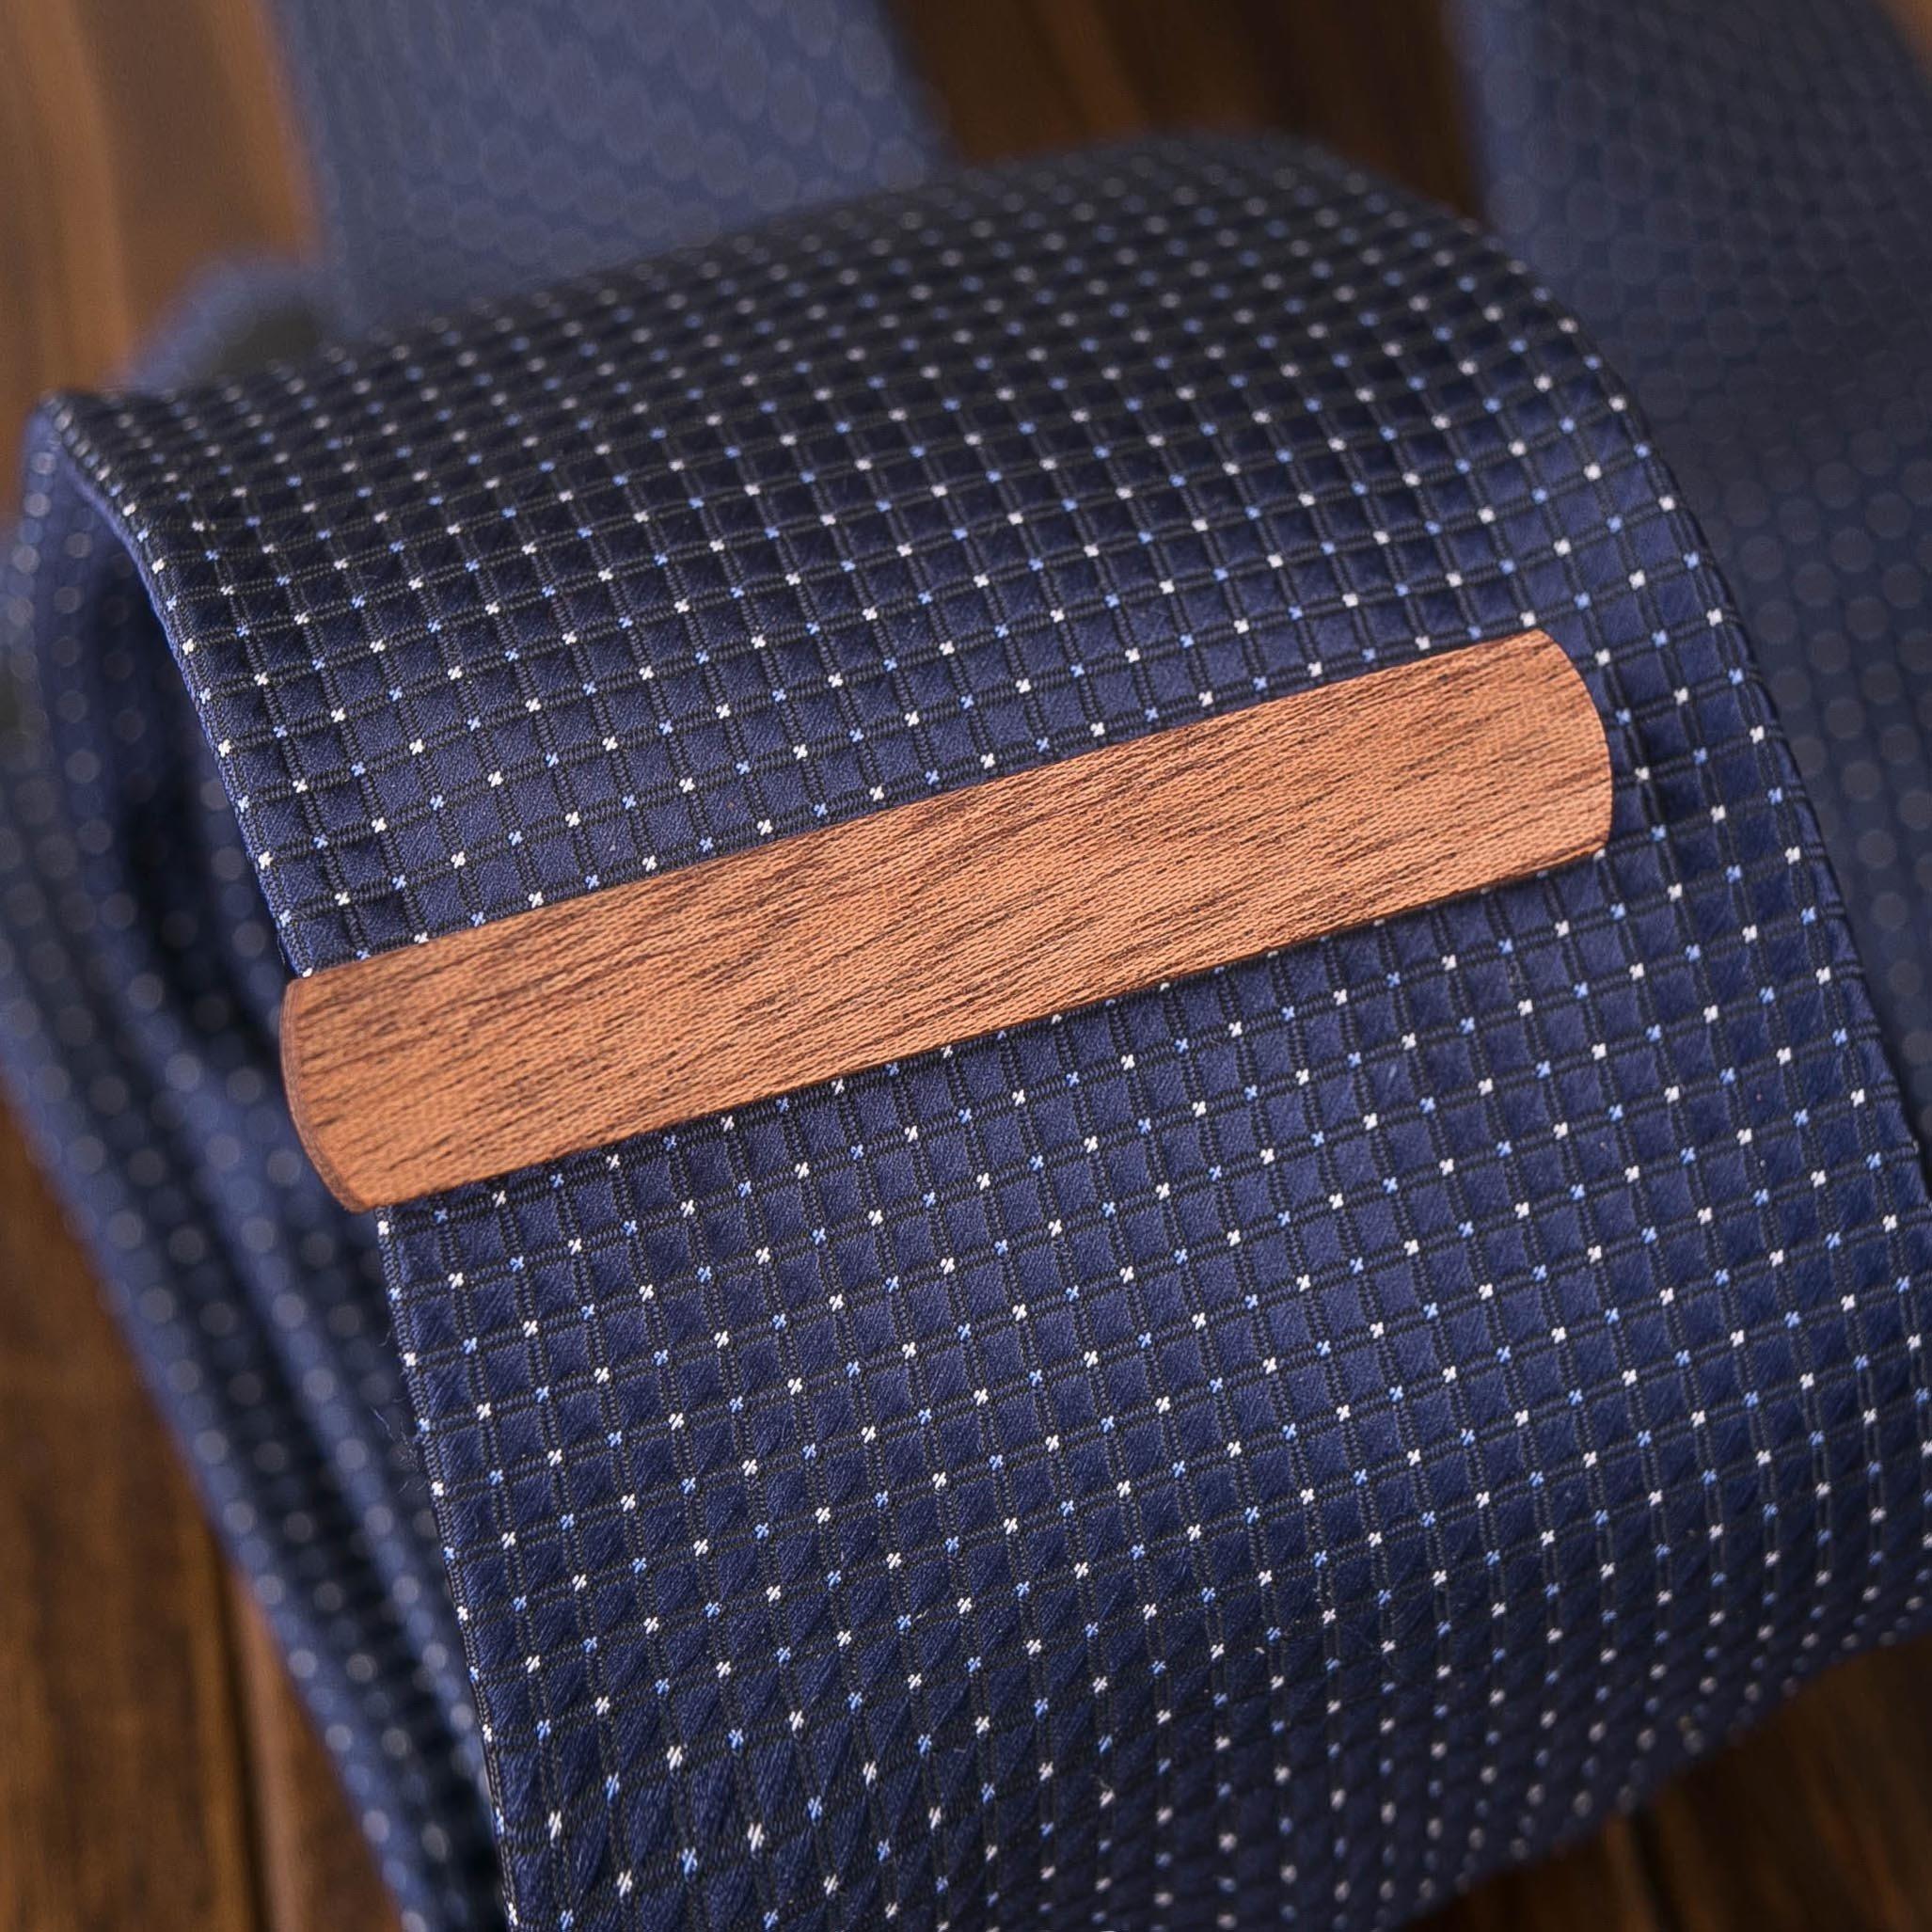 Деревянный зажим для галстука. Массив сапеле. Гравировка имени или инициалов. Планка для галстука. Подарок для друзей жениха. Подарок на деревянную свадьбу TW-SapeleTieClip10